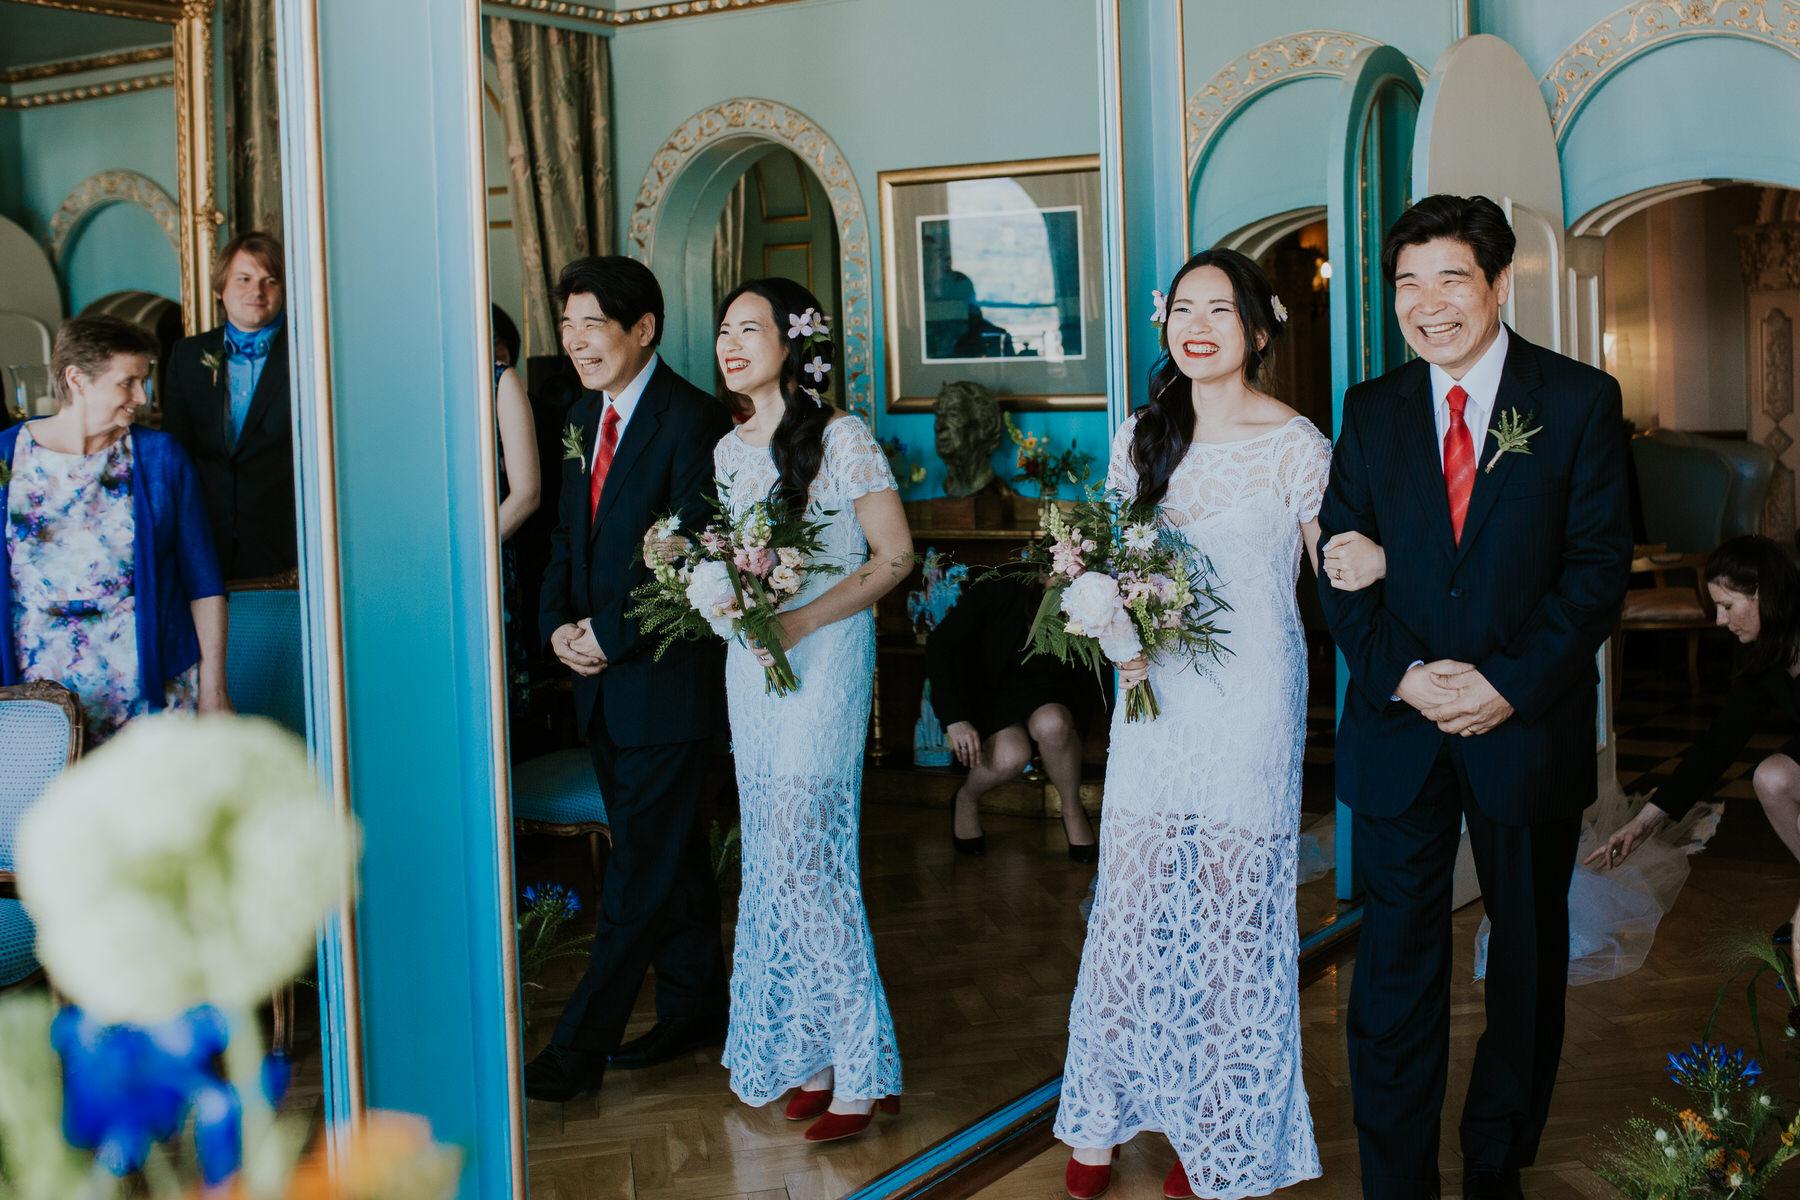 449 bride Shaina entering ceremony room father Portmeirion.jpg